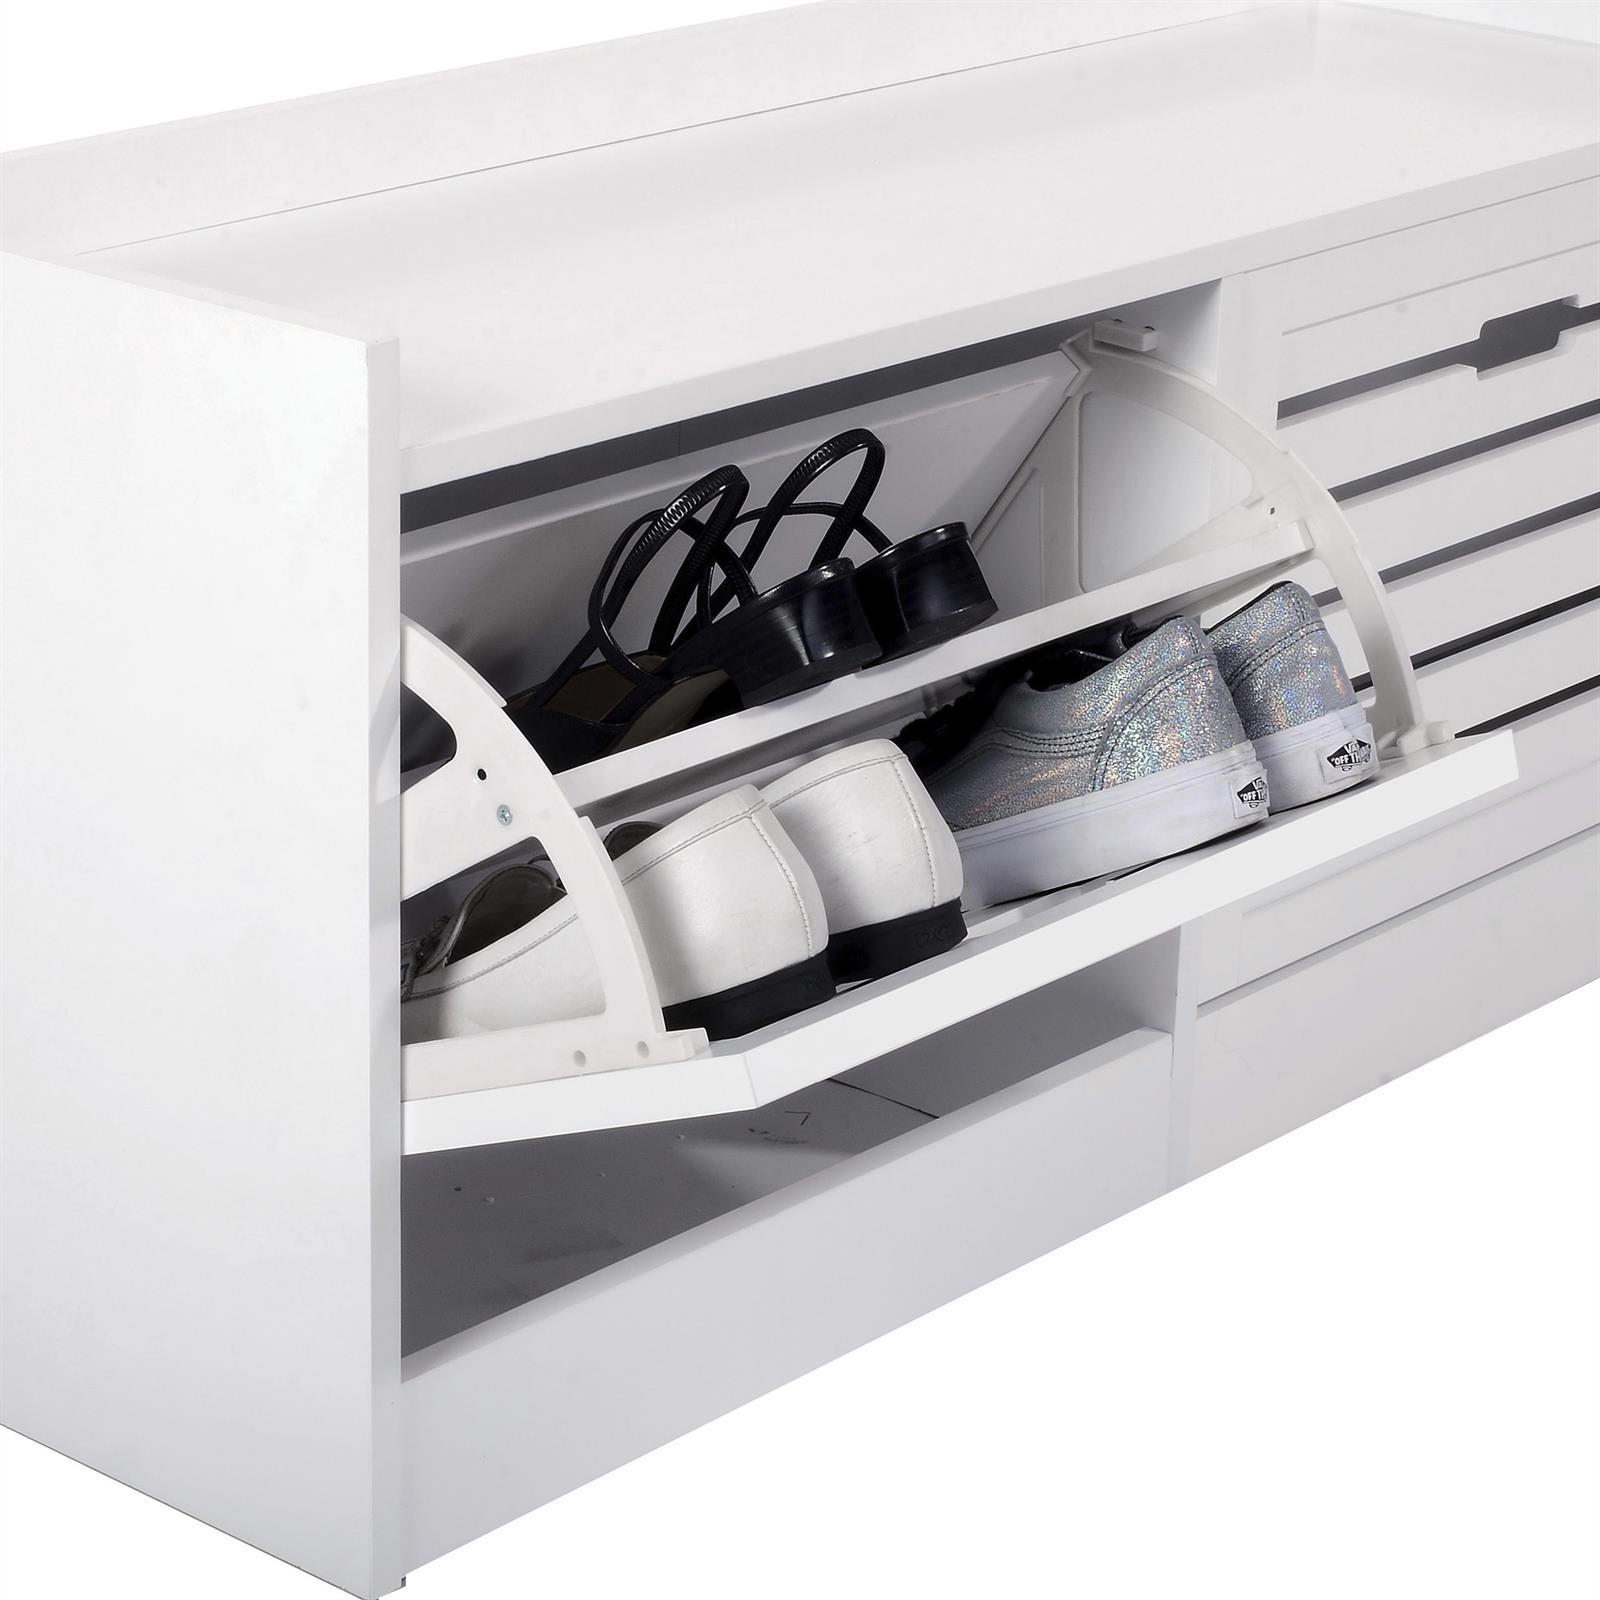 banc de rangement pour chaussures udine 2 abattants blanc mat mobil meubles. Black Bedroom Furniture Sets. Home Design Ideas